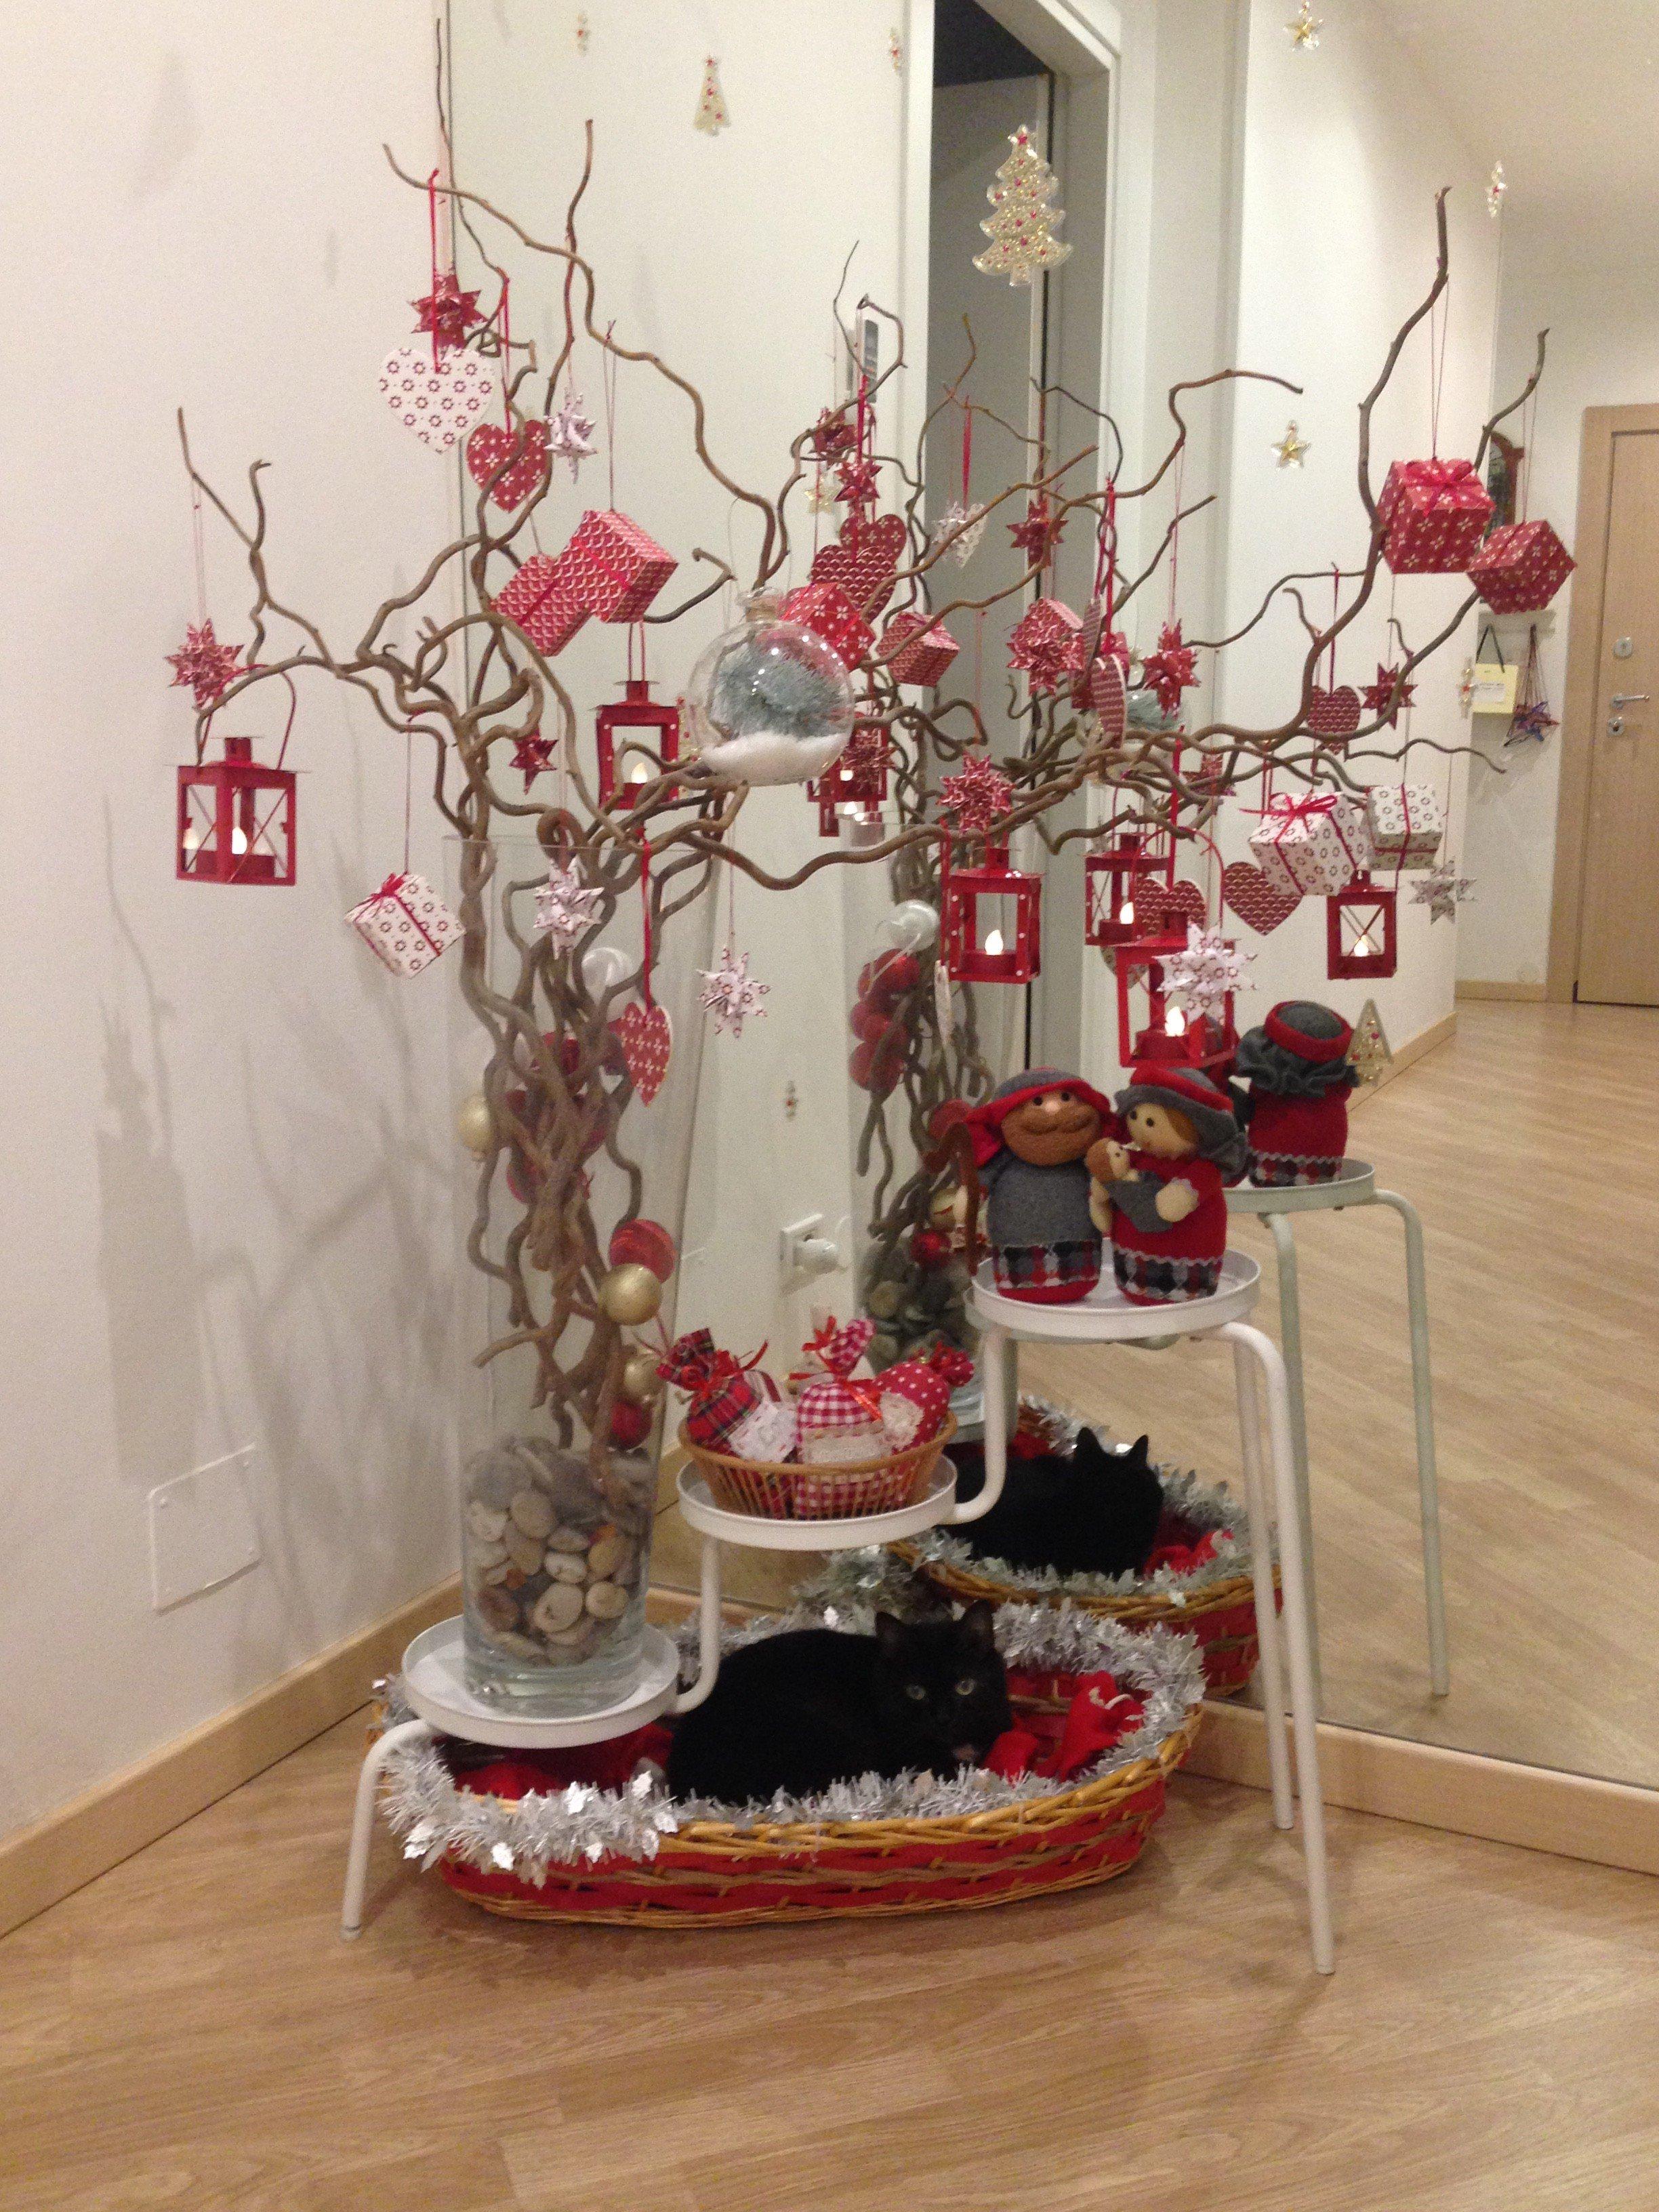 Decorazioni natalizie alberi calendari dell 39 avvento mandaci le tue foto cose di casa - Decorazioni natalizie finestre ...